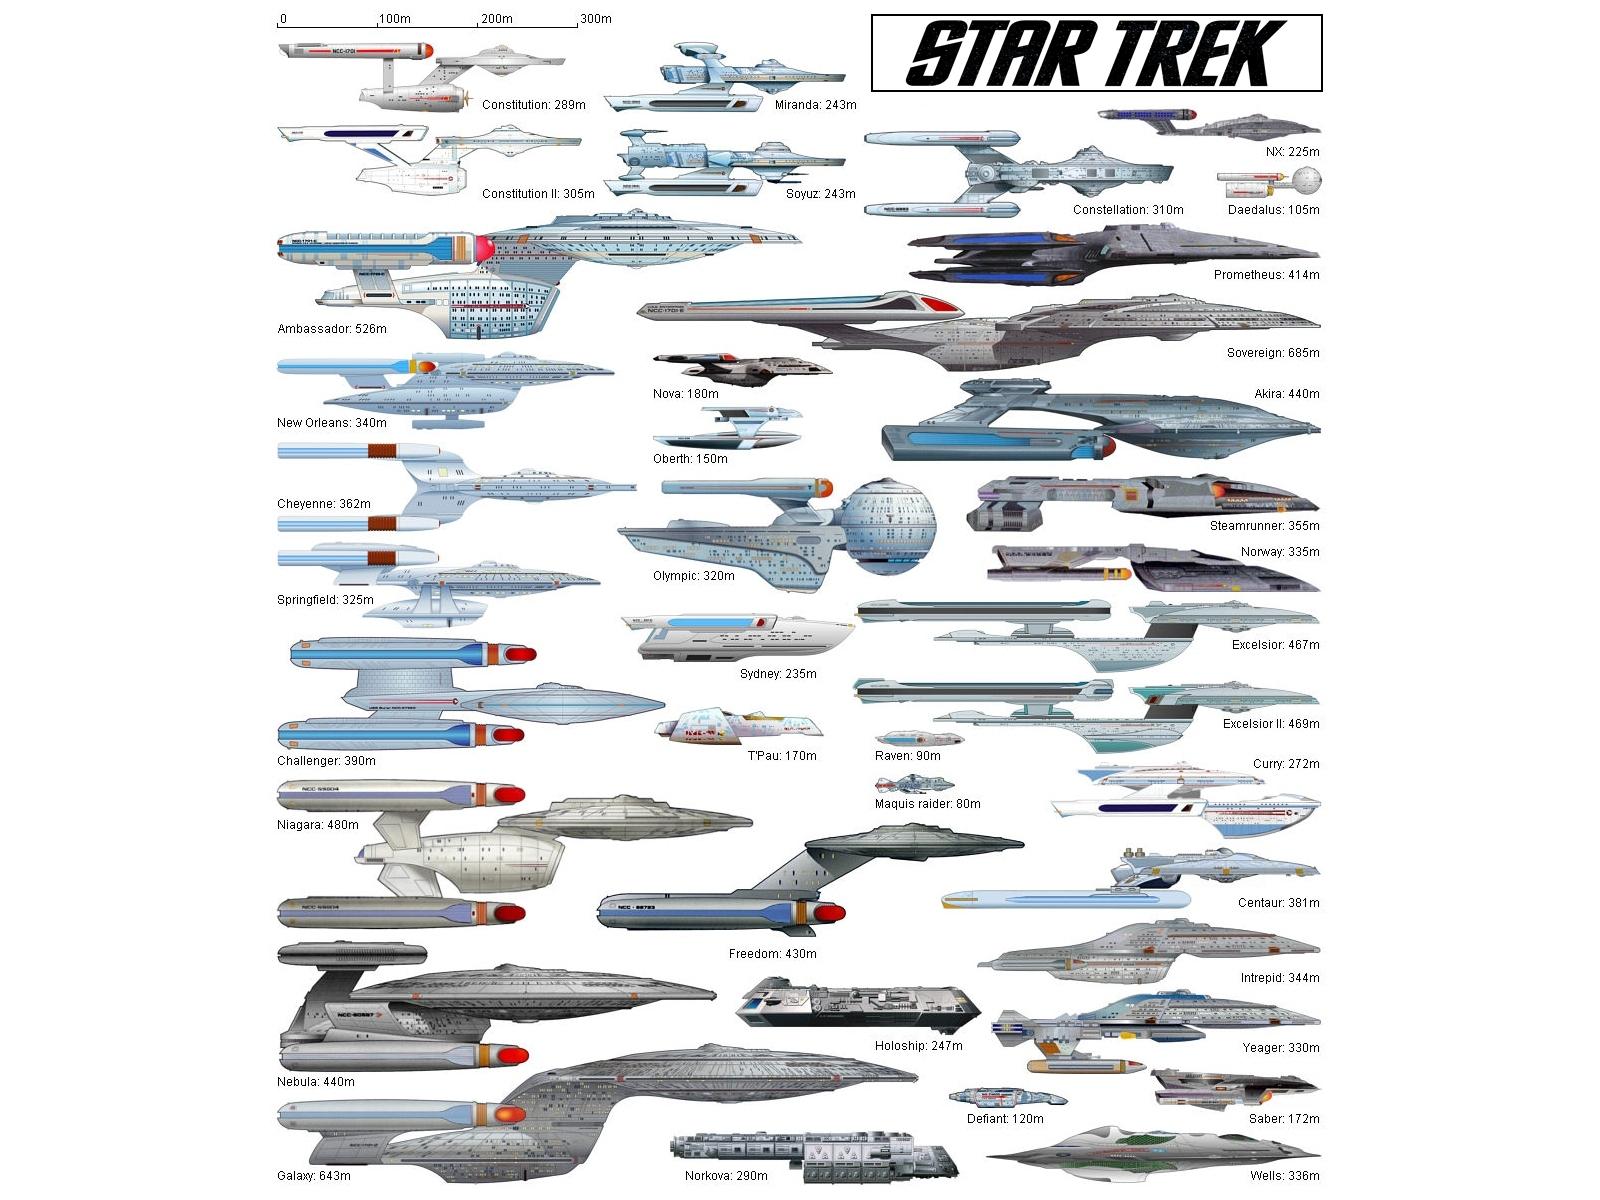 Star Trek desktop wallpaper number 8   Starfleets Ships of the Line 1600x1200